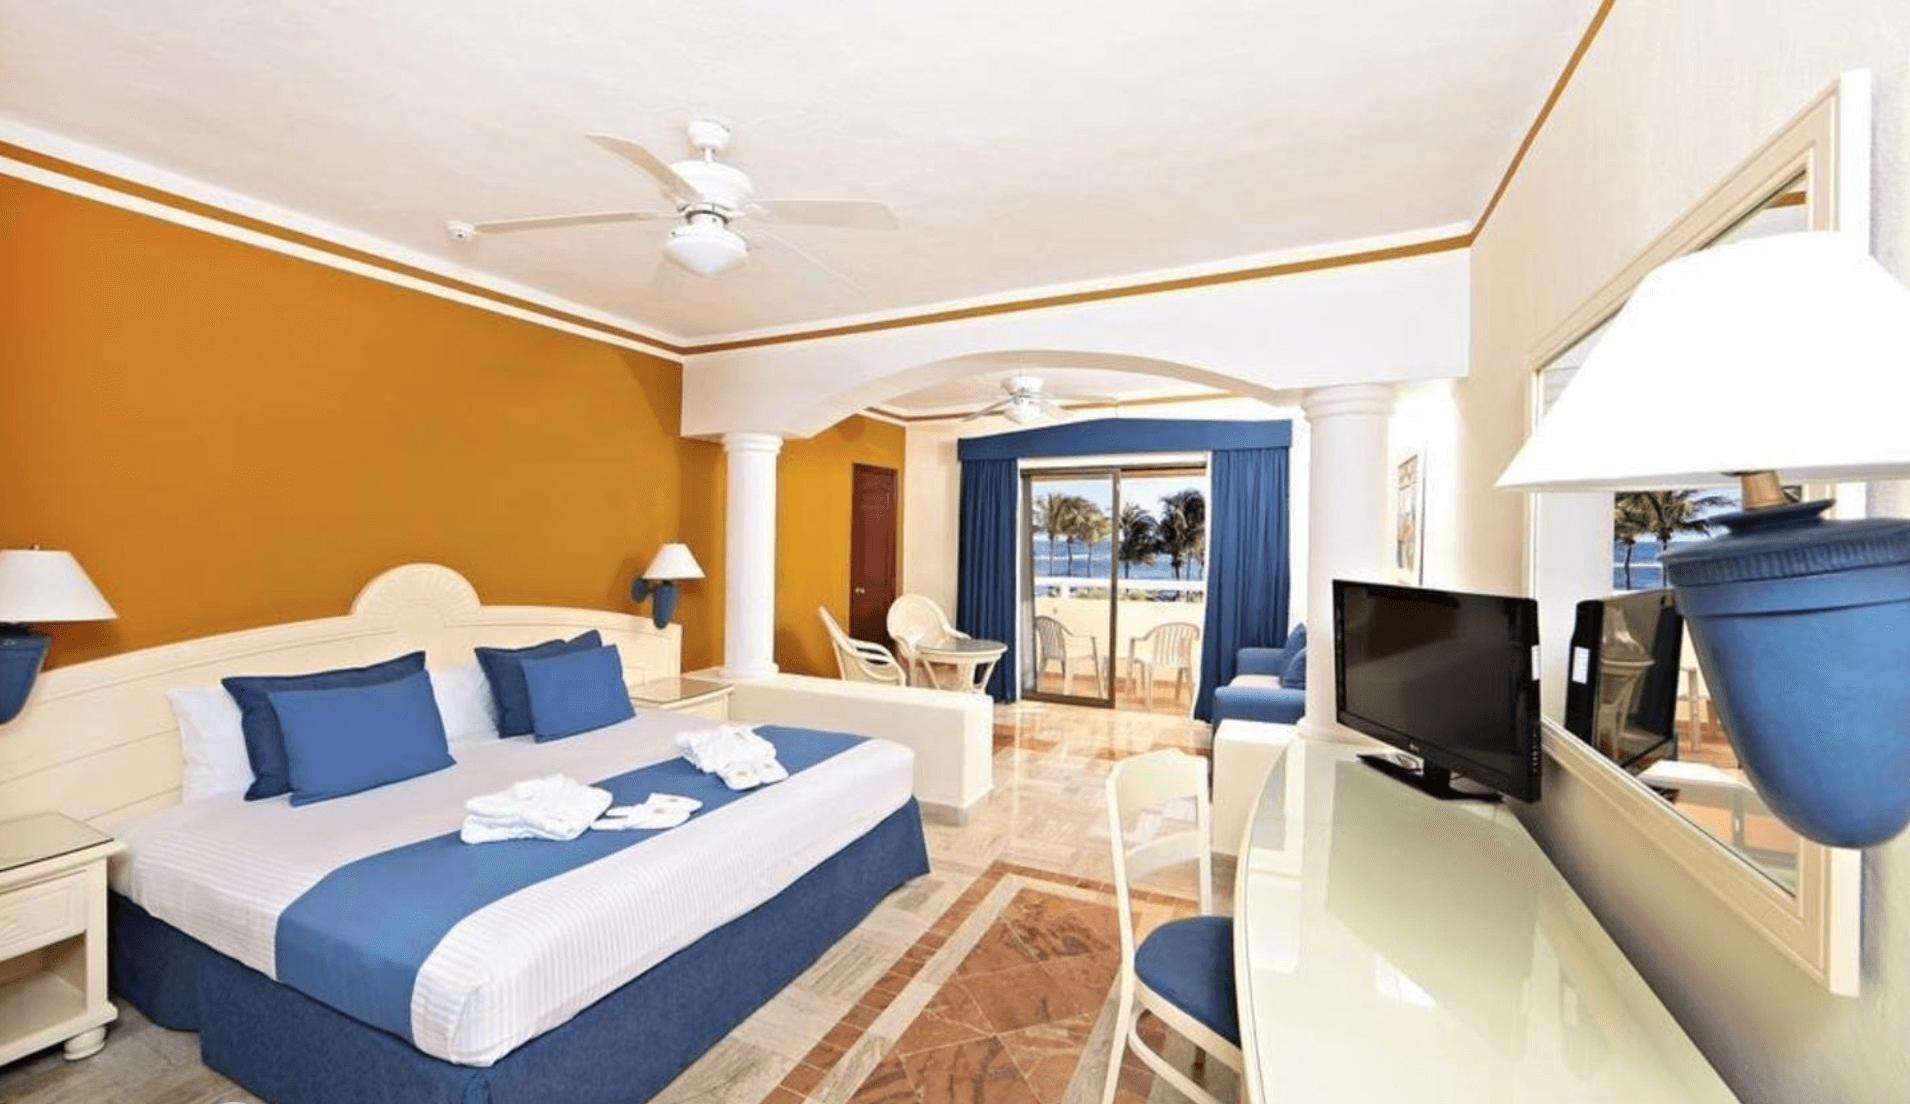 Тур в Акумаль в отель Gran Bahia Principe Tulum 5* (Мексика) на 7 ночей с 15.12.18 от 142 811 рублей (AL) на двоих